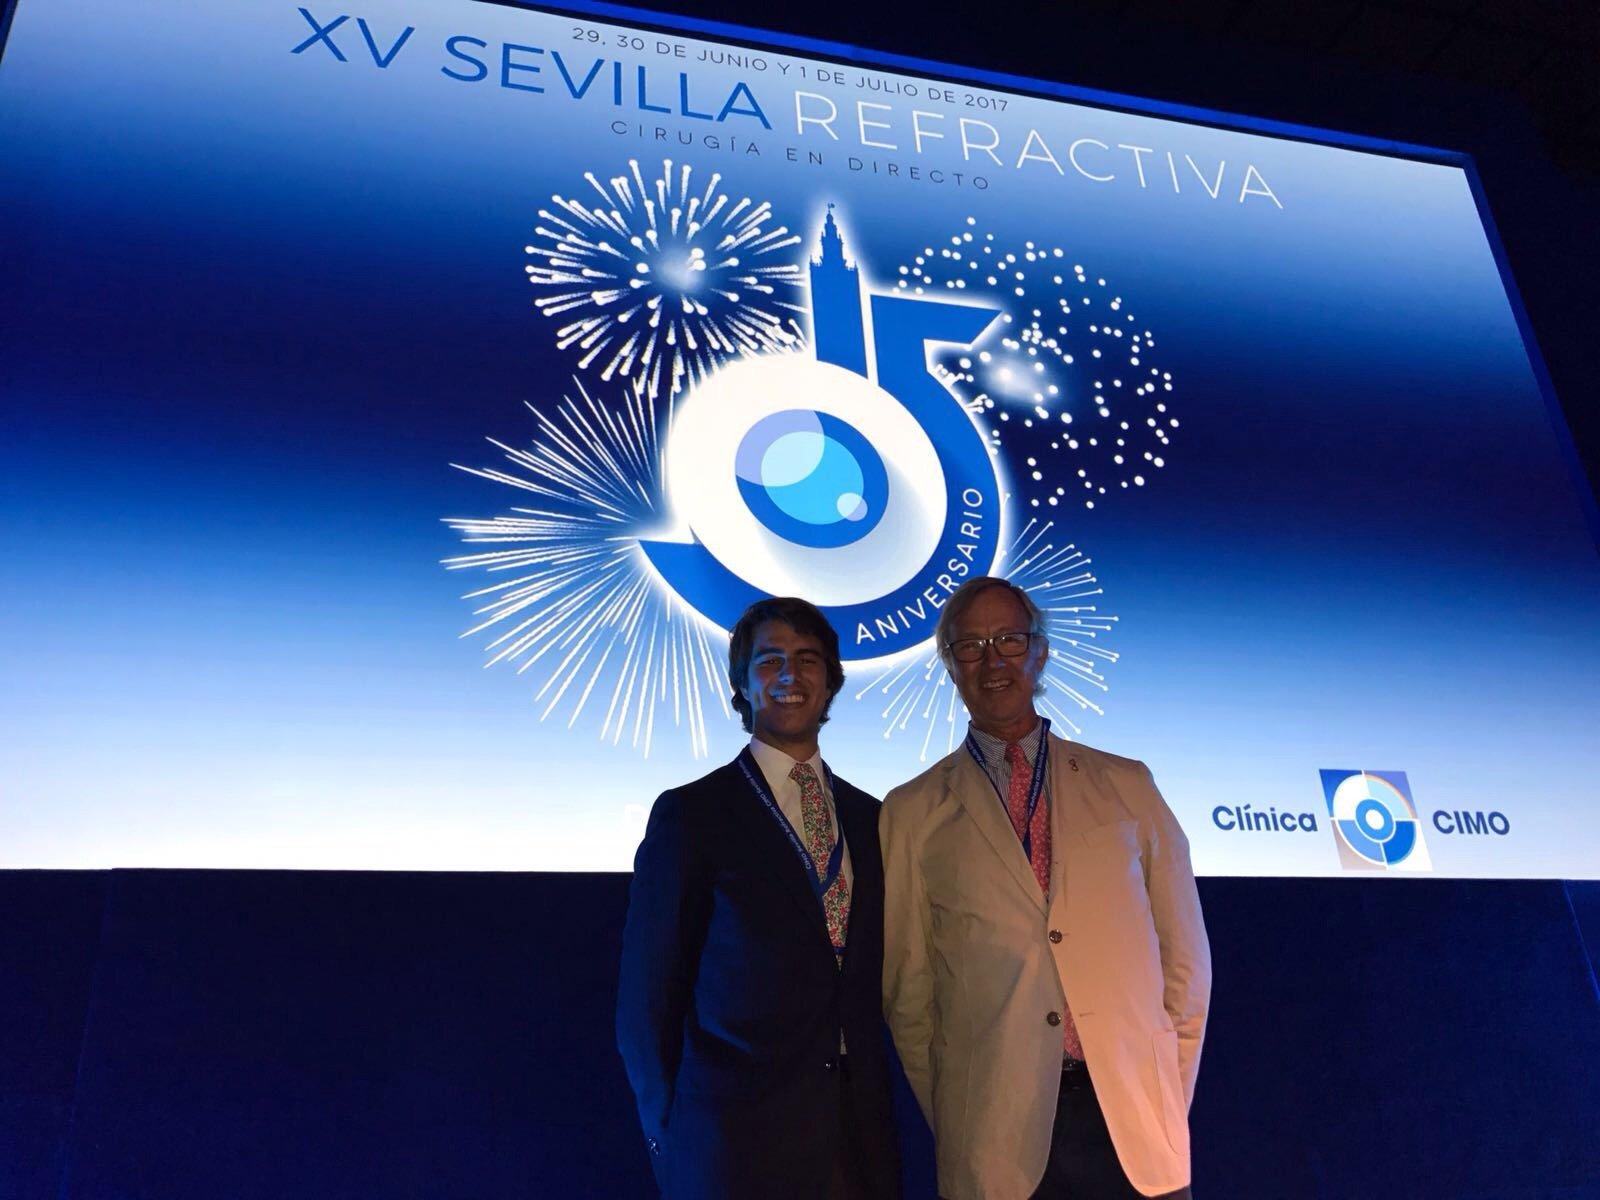 """ATTIVA PARTECIPAZIONE DEI DOTT.RI GARCIA DE OTEYZA A """"SEVILLA REFRACTIVA"""""""